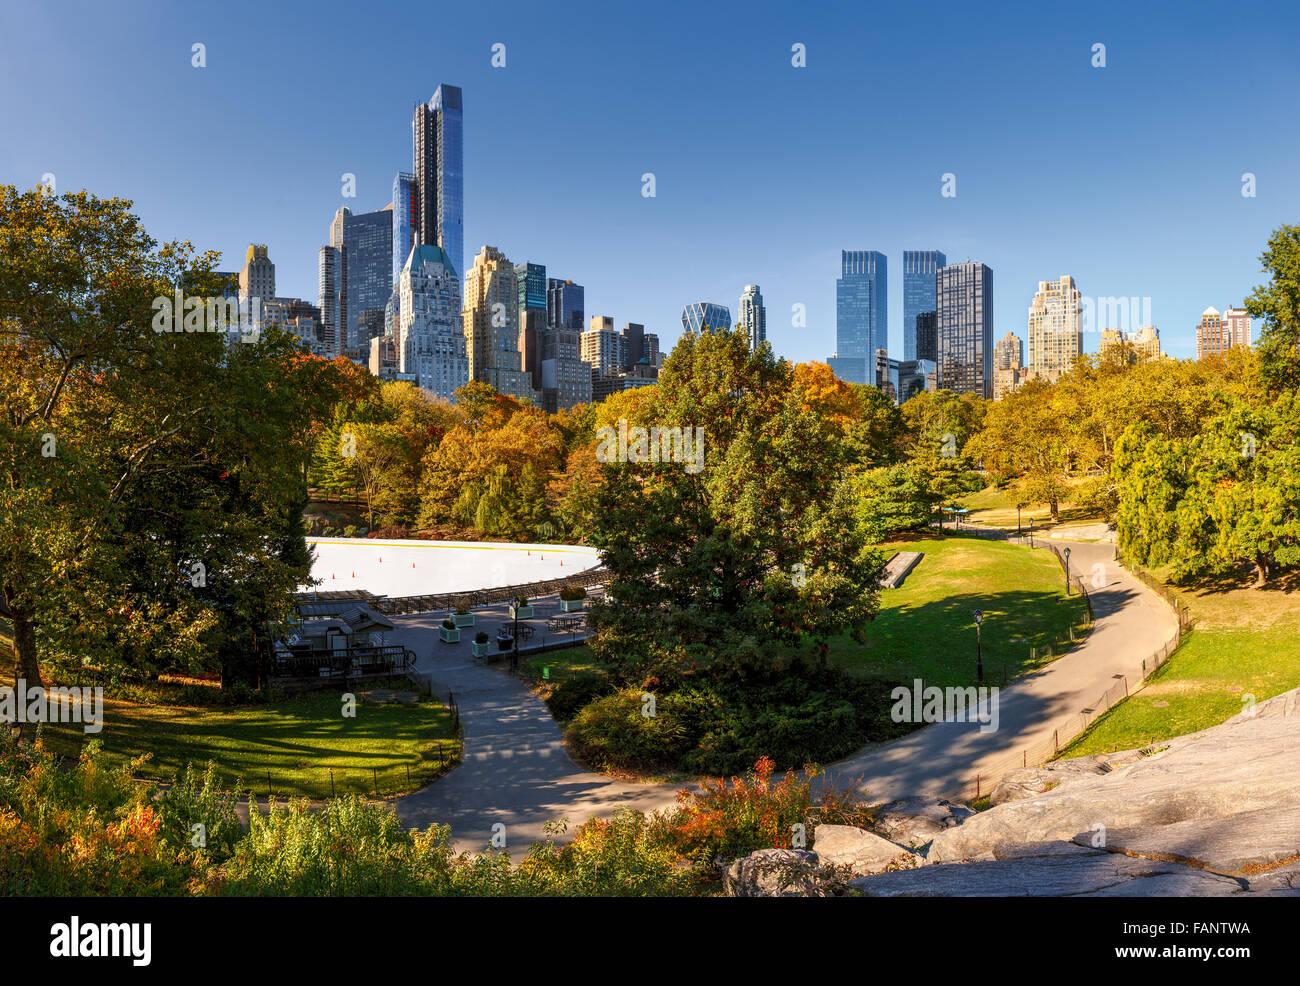 Otoño en Central Park: Wollman Rink y rascacielos de Manhattan. Paisaje urbano vista otoñal de Central Imagen De Stock